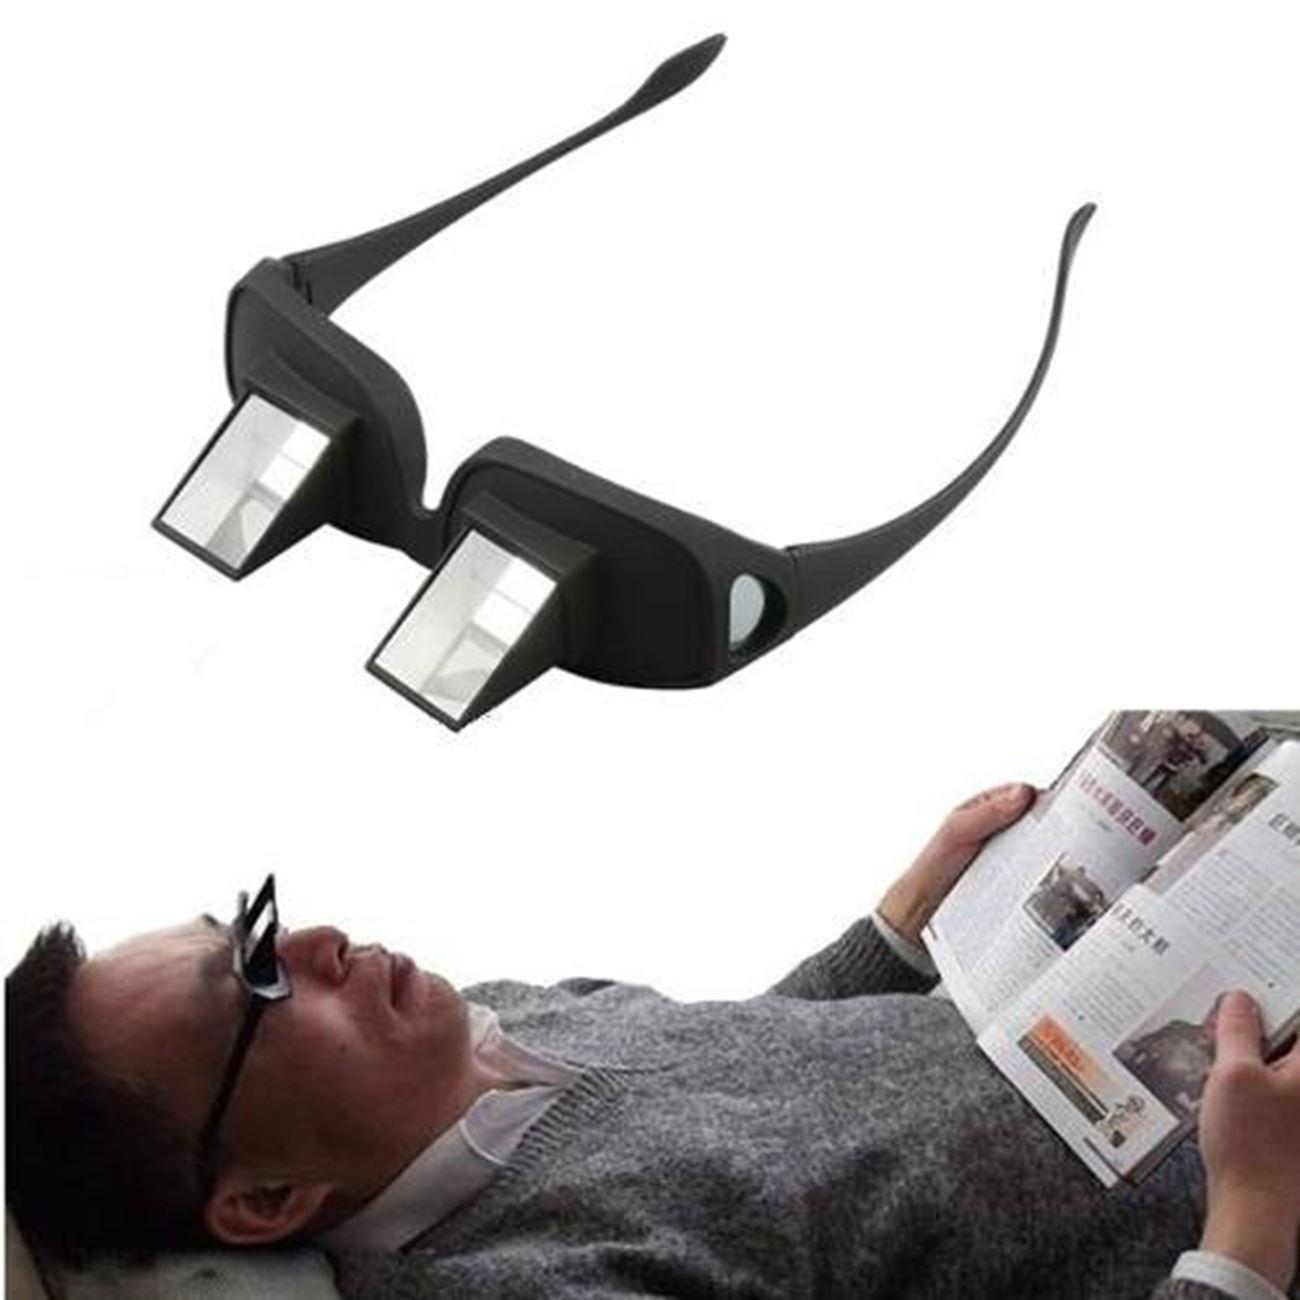 b1f7869dc5 ... Πρισματικά γυαλιά για να διαβάζετε και να βλέπετε τηλεόραση ξαπλωμένοι  (Δείτε βίντεο). ΠΙΣΩ ΣΤΗΝ ΛΙΣΤΑ. False. Μεγέθυνση